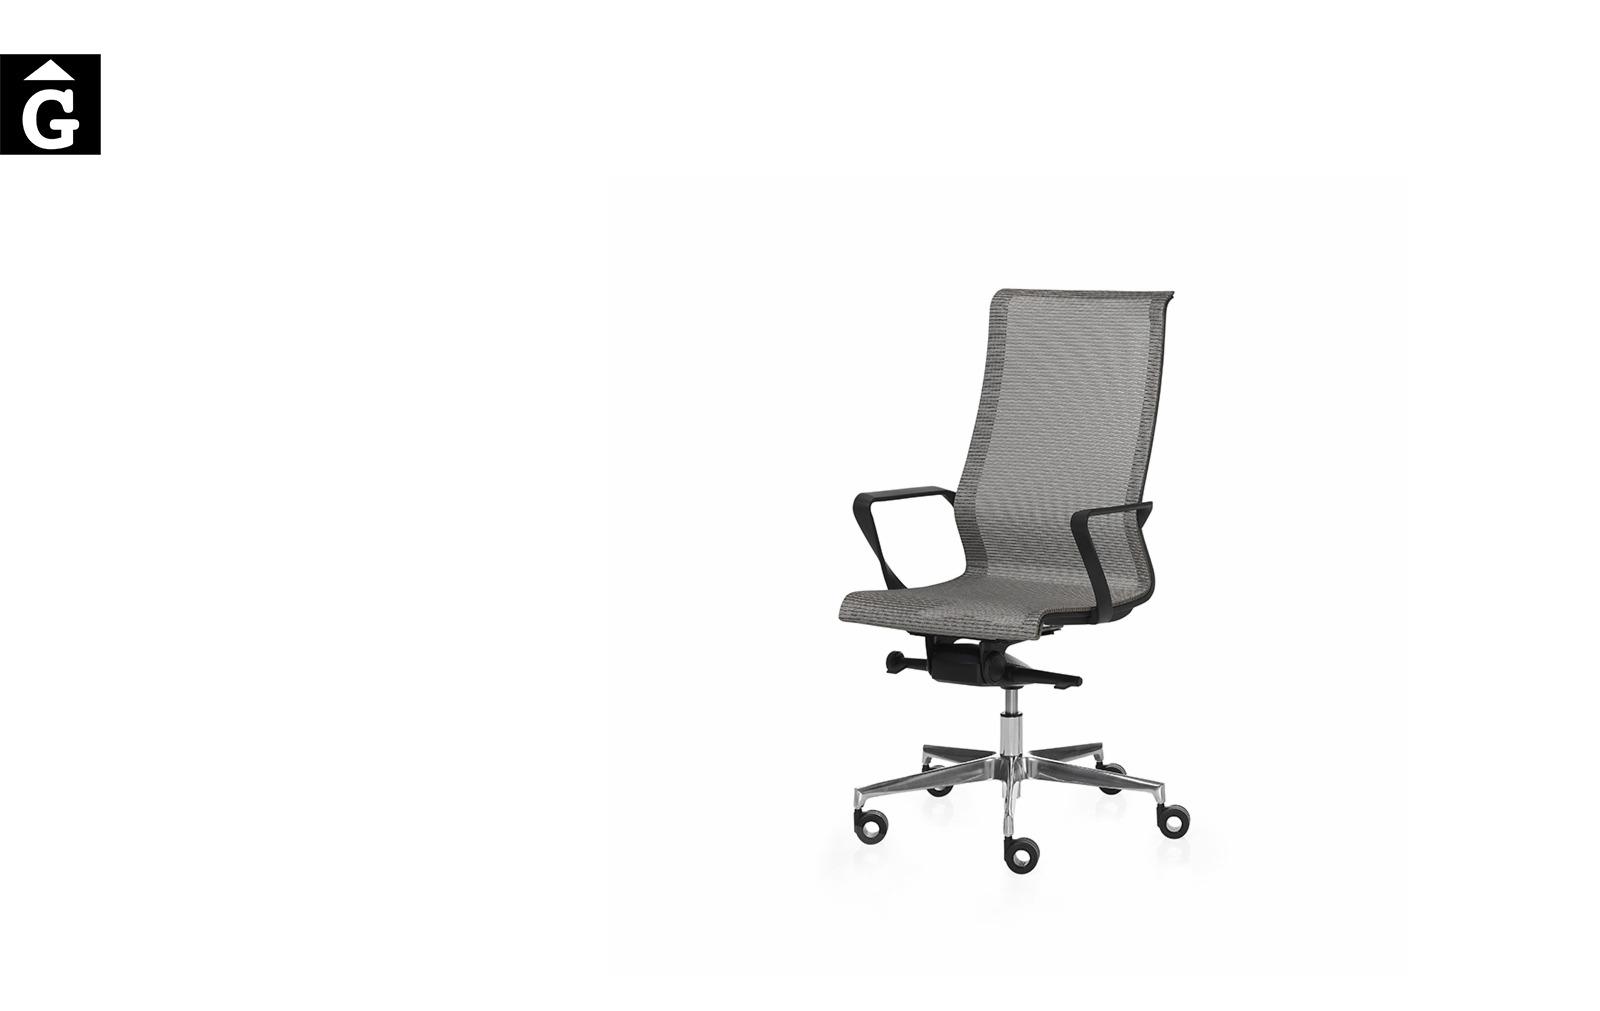 Cadira despatx X-Light malla gris de Dile | Vista general | mobiliari d'oficina molt interessant | Dileoffice | mobles Gifreu | botiga | Contract | Mobles nous oficina